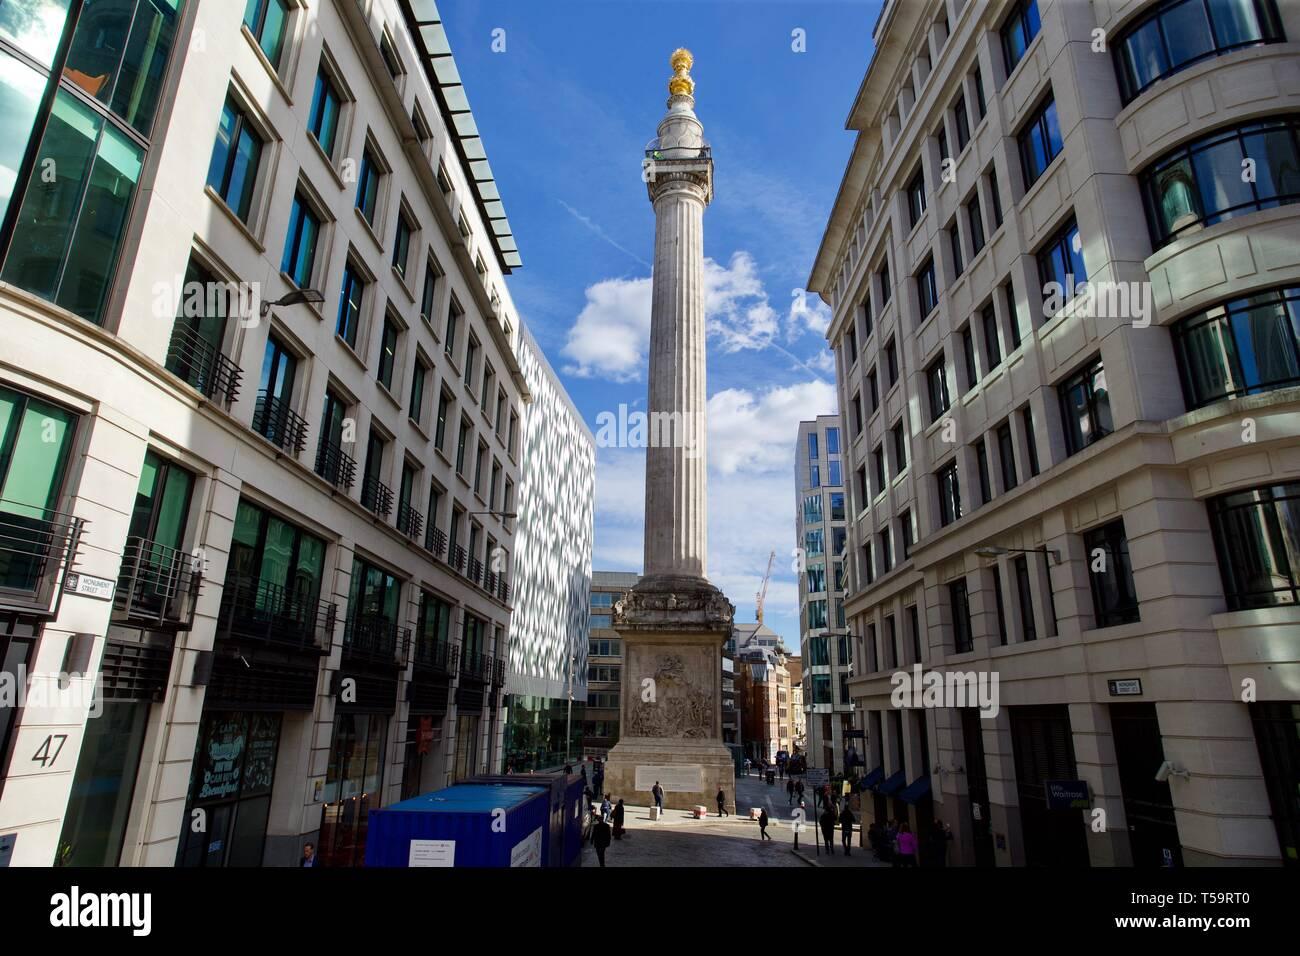 Denkmal für den großen Brand von London, England. Stockbild